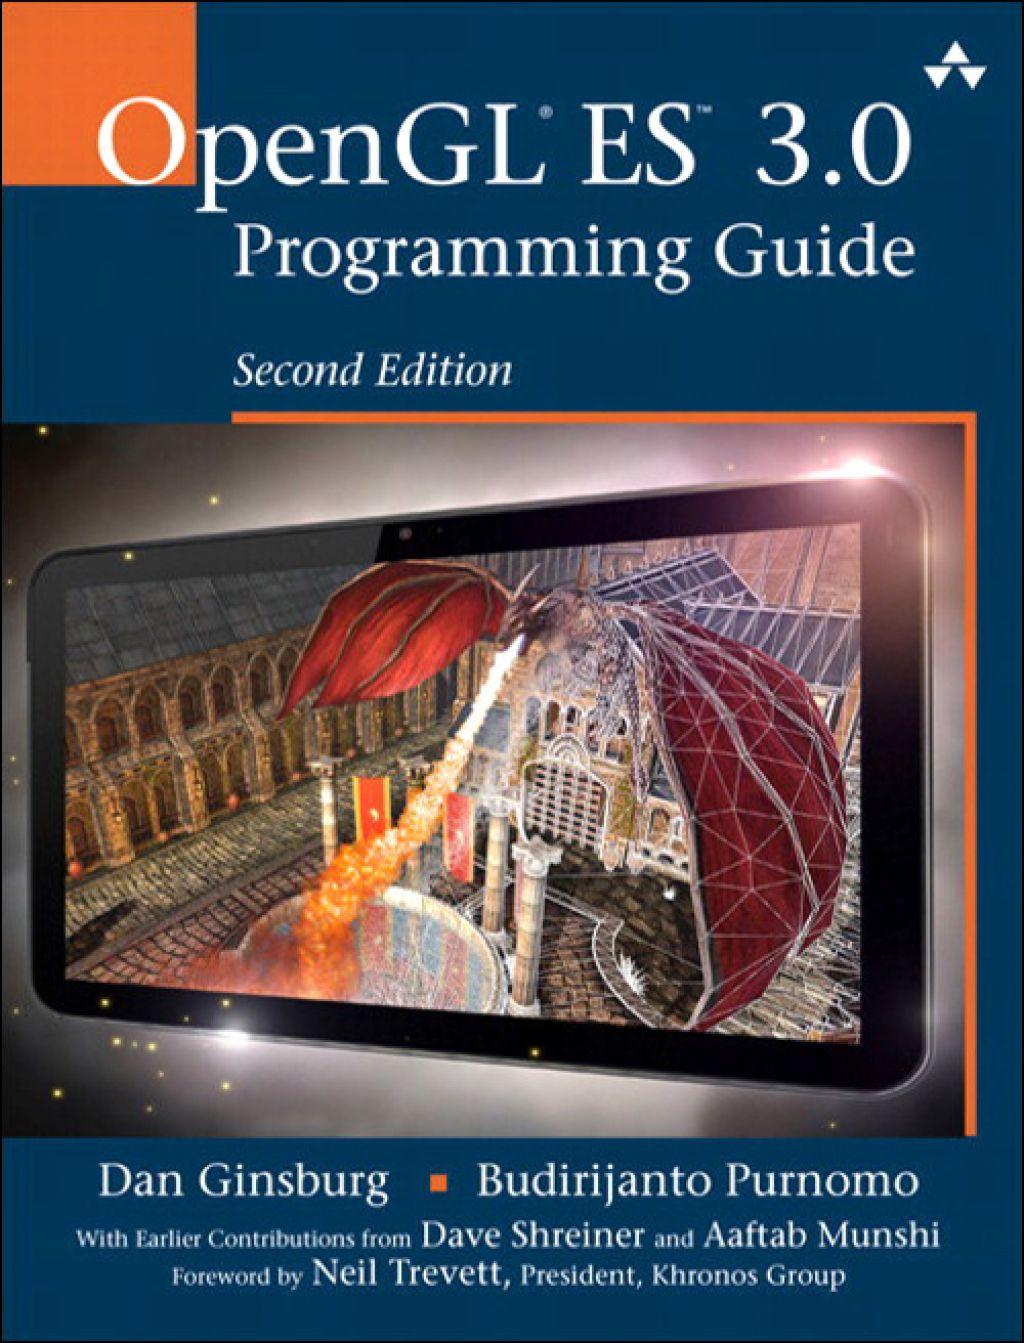 OpenGL ES 3.0 Programming Guide (eBook) in 2019